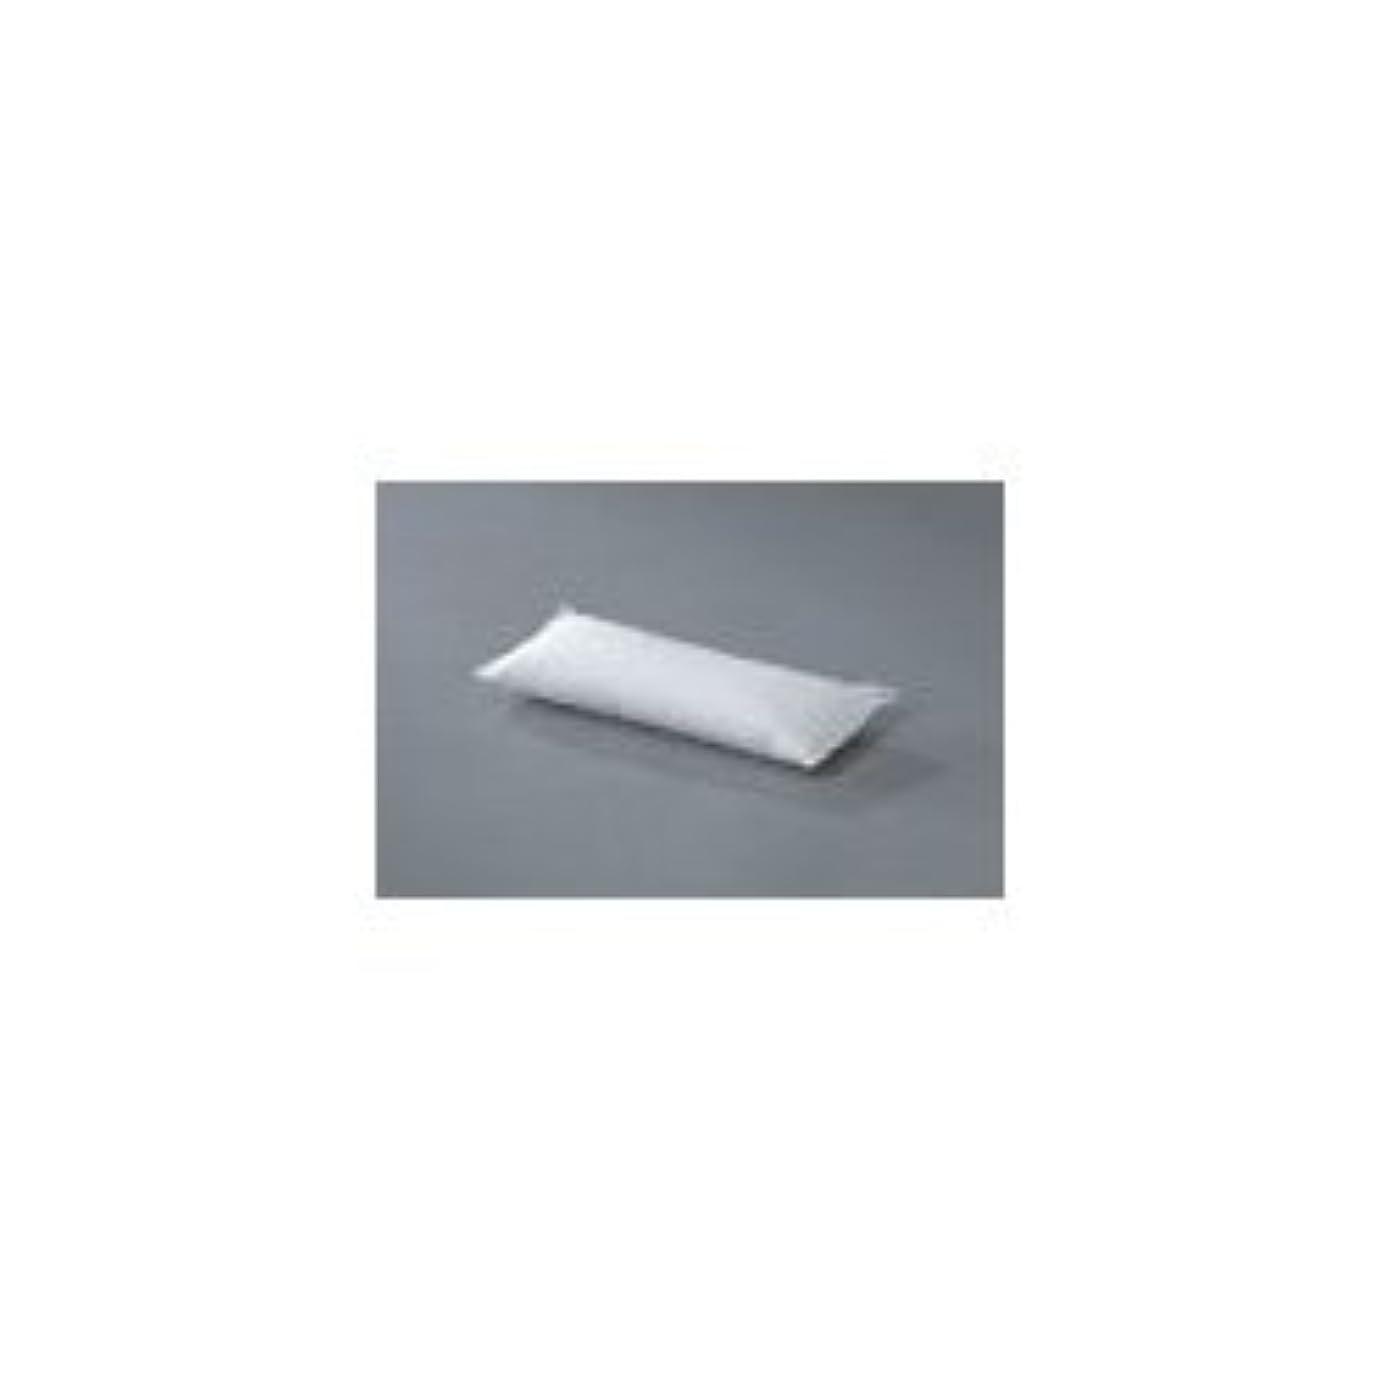 テーマ調停する空虚ジャノメ 24時間風呂 クリーンバスユニット専用電解促進剤 CLパック 7袋 (クリーンパック)